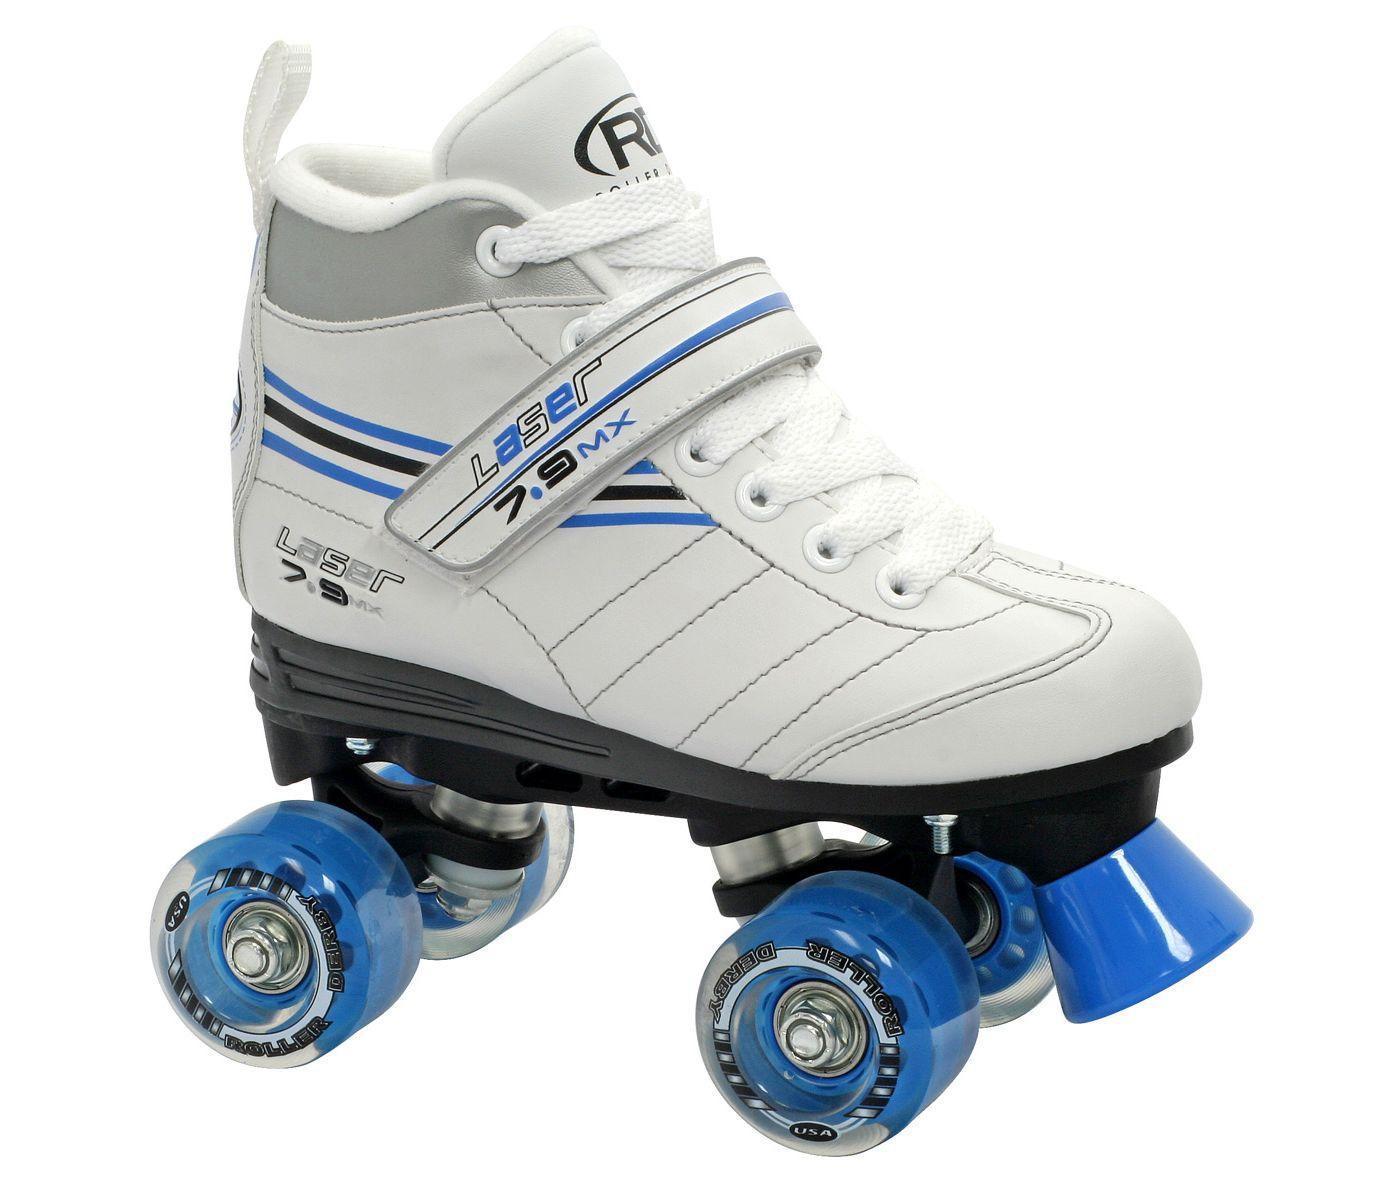 Roller Derby Girls' 7.9 Roller Skates